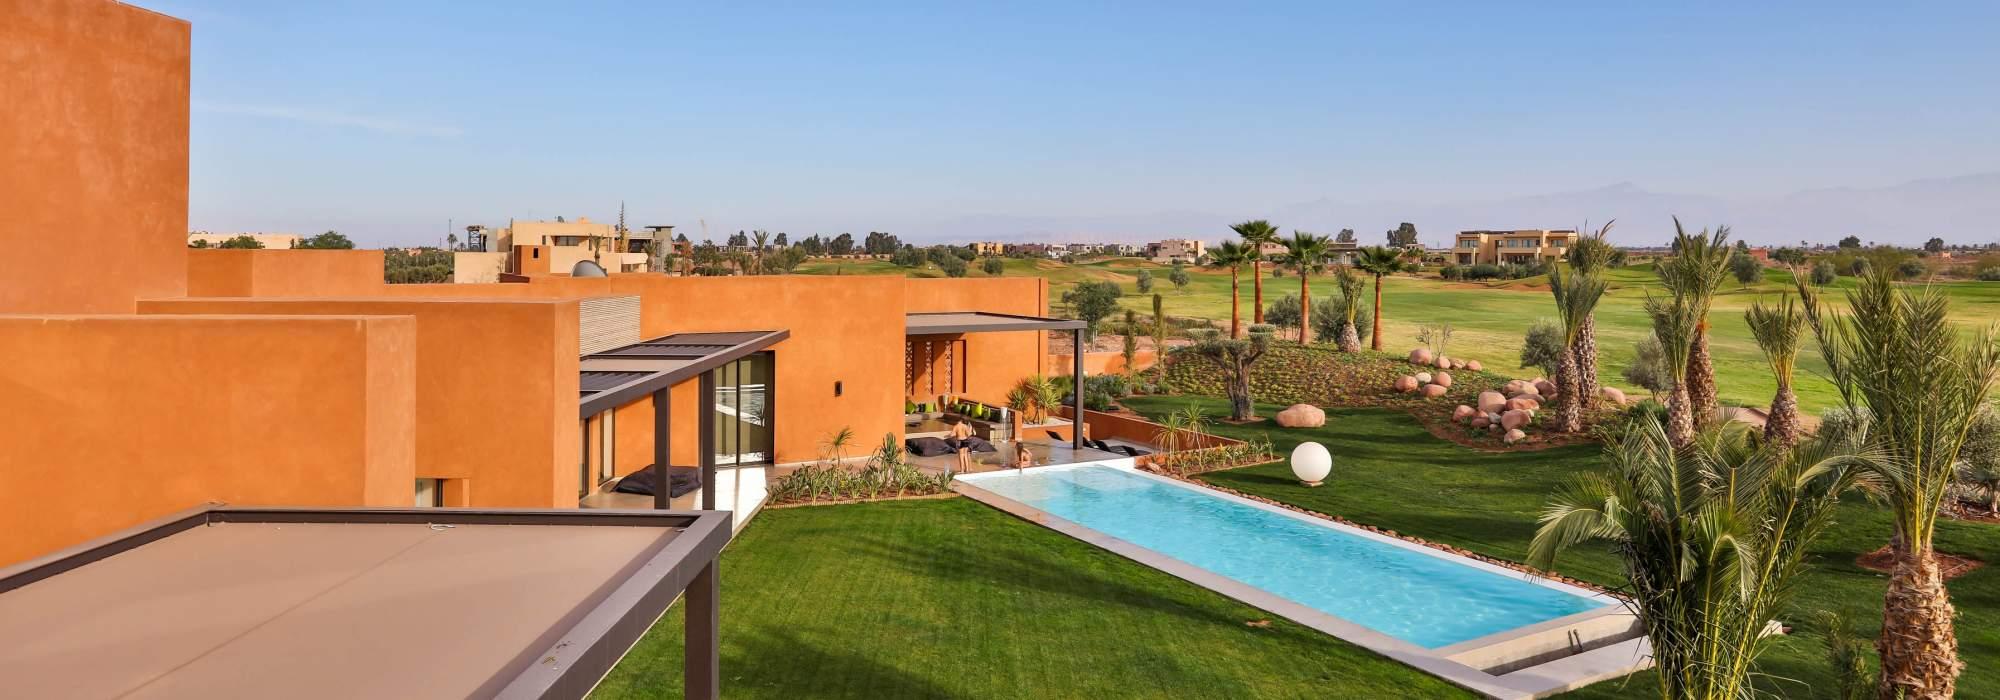 Villa Contemporaine a vendre golf marrakech